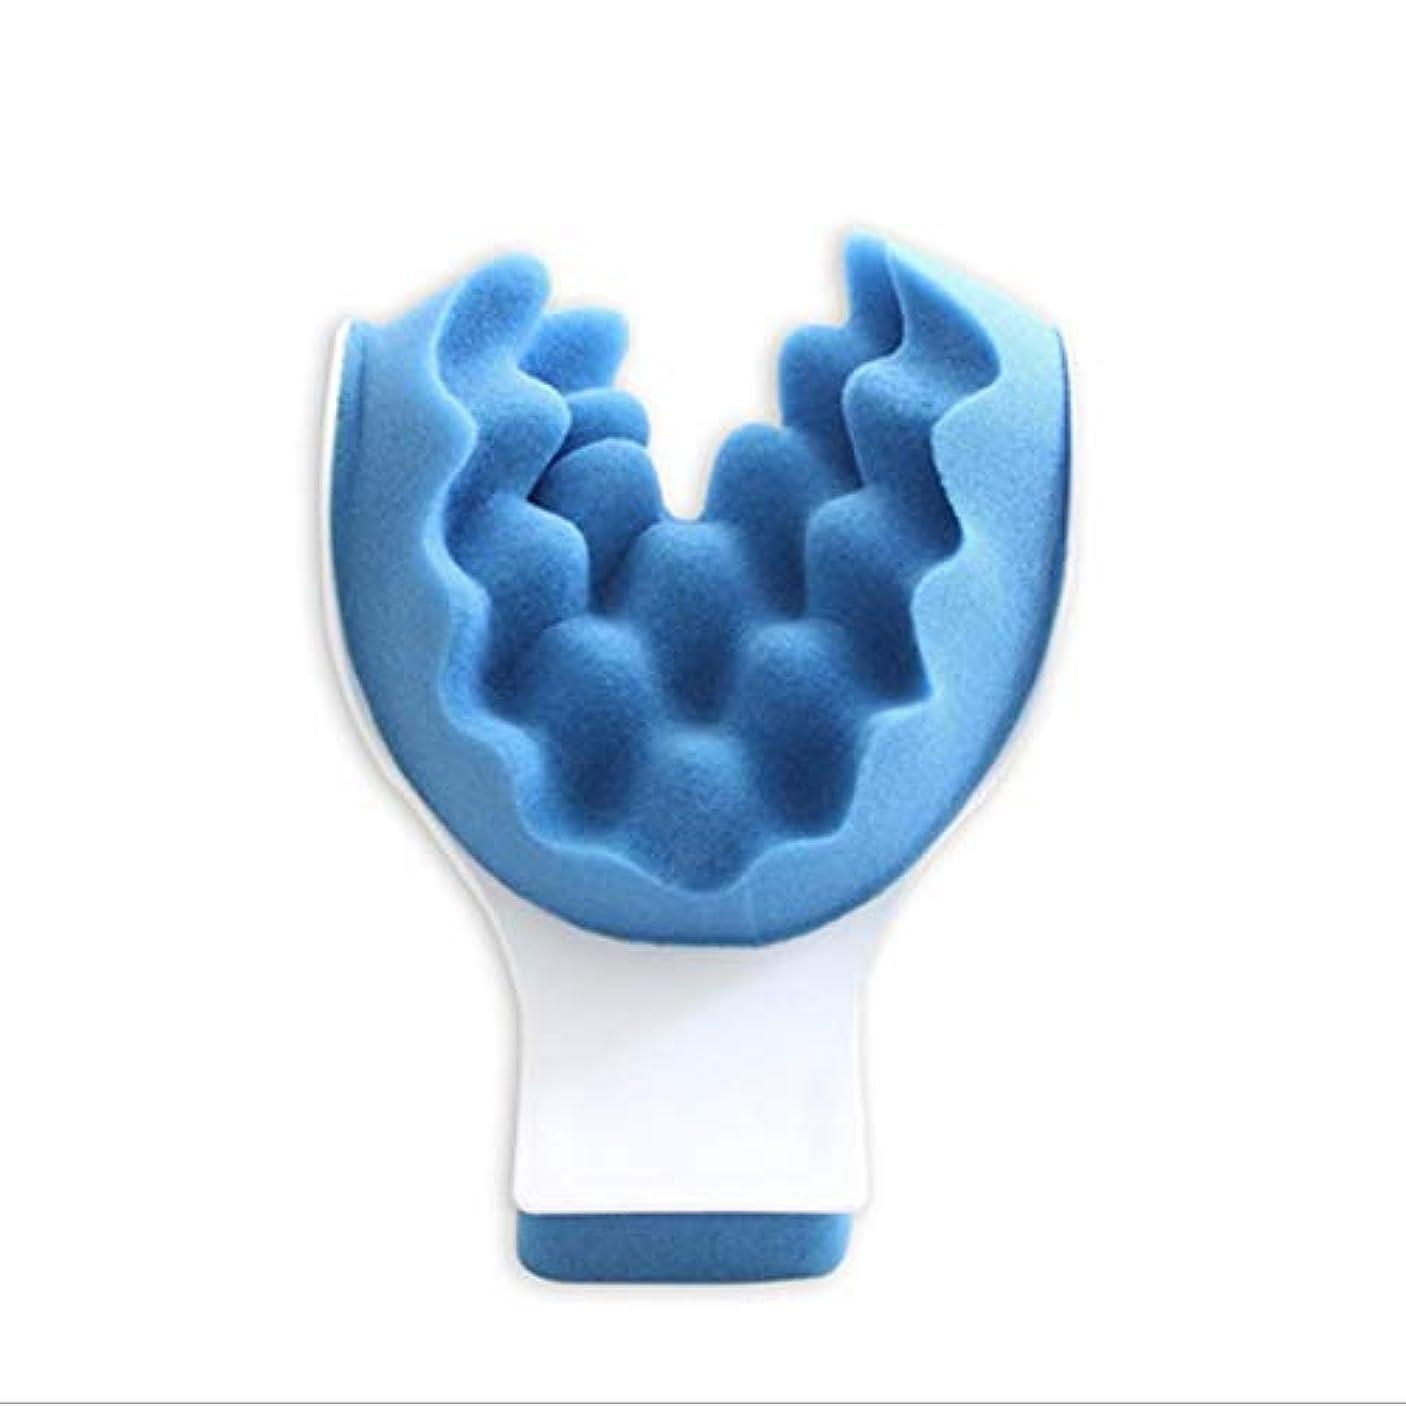 つばハグ一掃するマッスルテンションリリーフタイトネスと痛みの緩和セラピーティックネックサポートテンションリリーフネック&ショルダーリラクサー - ブルー